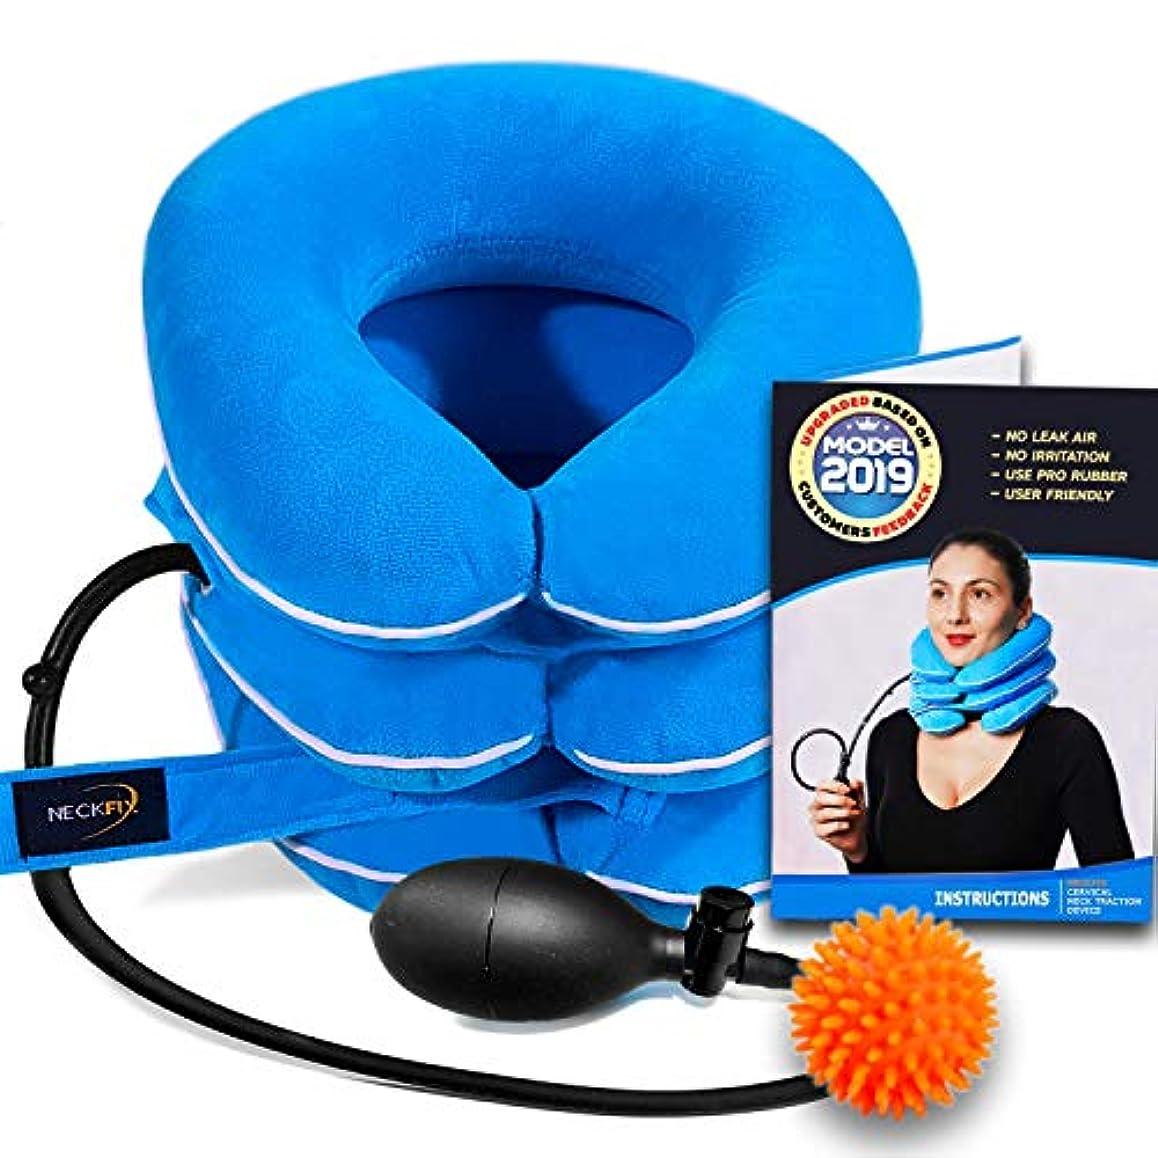 視聴者思慮深いCervical Neck Traction Device by NeckFix for Instant Neck Pain Relief [FDA Approved] - Adjustable Neck Stretcher Collar for Home Traction Spine Alignment [Model 2019] + Bonus (12-17 inch) 141[並行輸入]